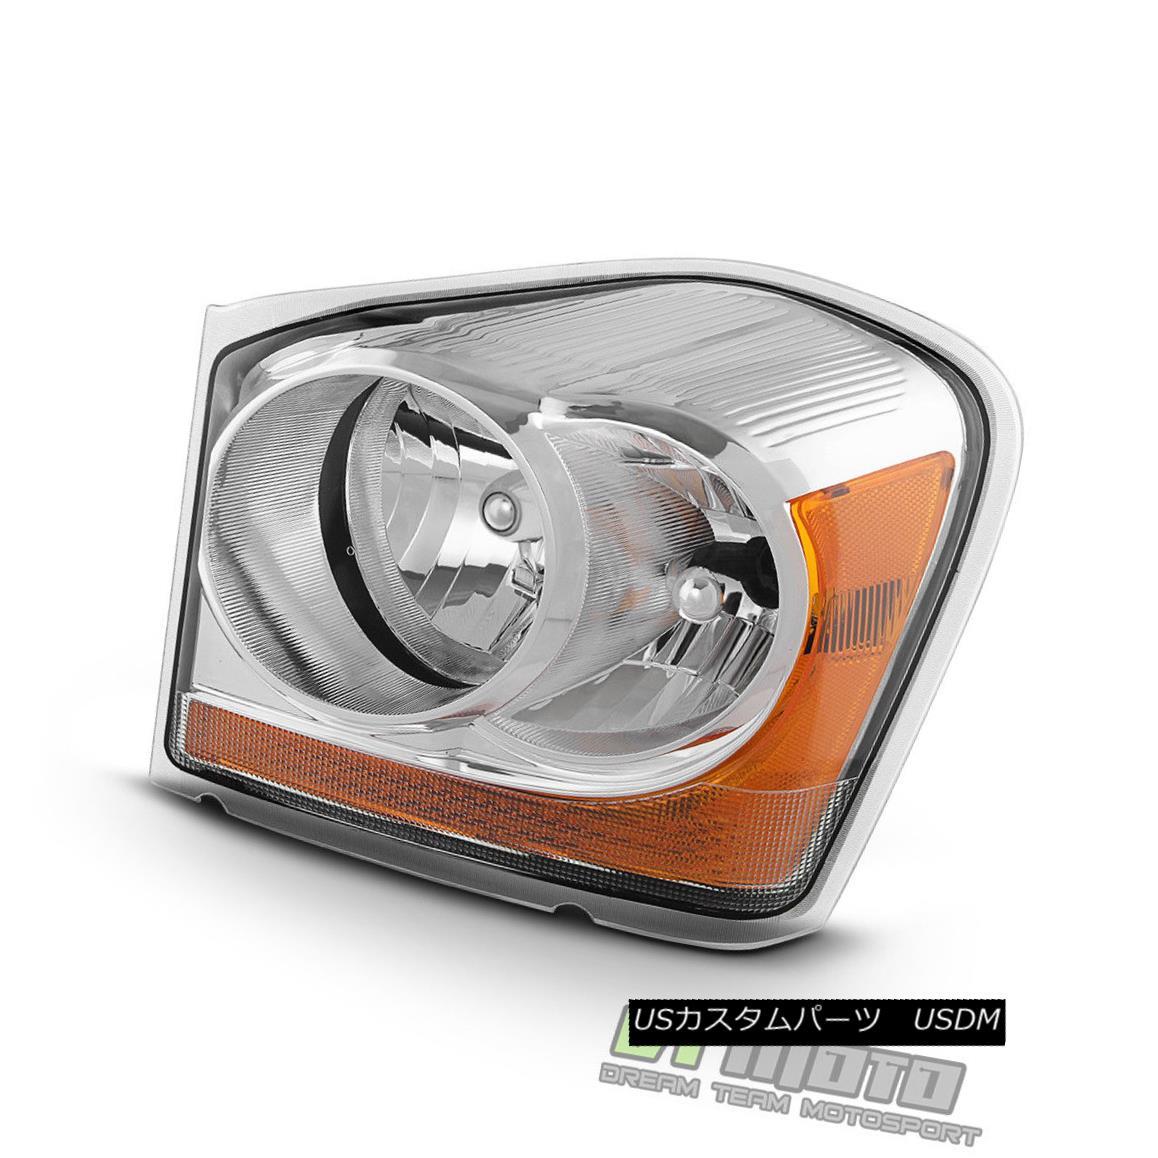 ヘッドライト 2004-2005 Dodge Durango Headlight Replacement Headlamp Left Driver Side Light LH 2004-2005 Dodge Durangoヘッドライト交換ヘッドランプ左側ドライバーサイドライトLH